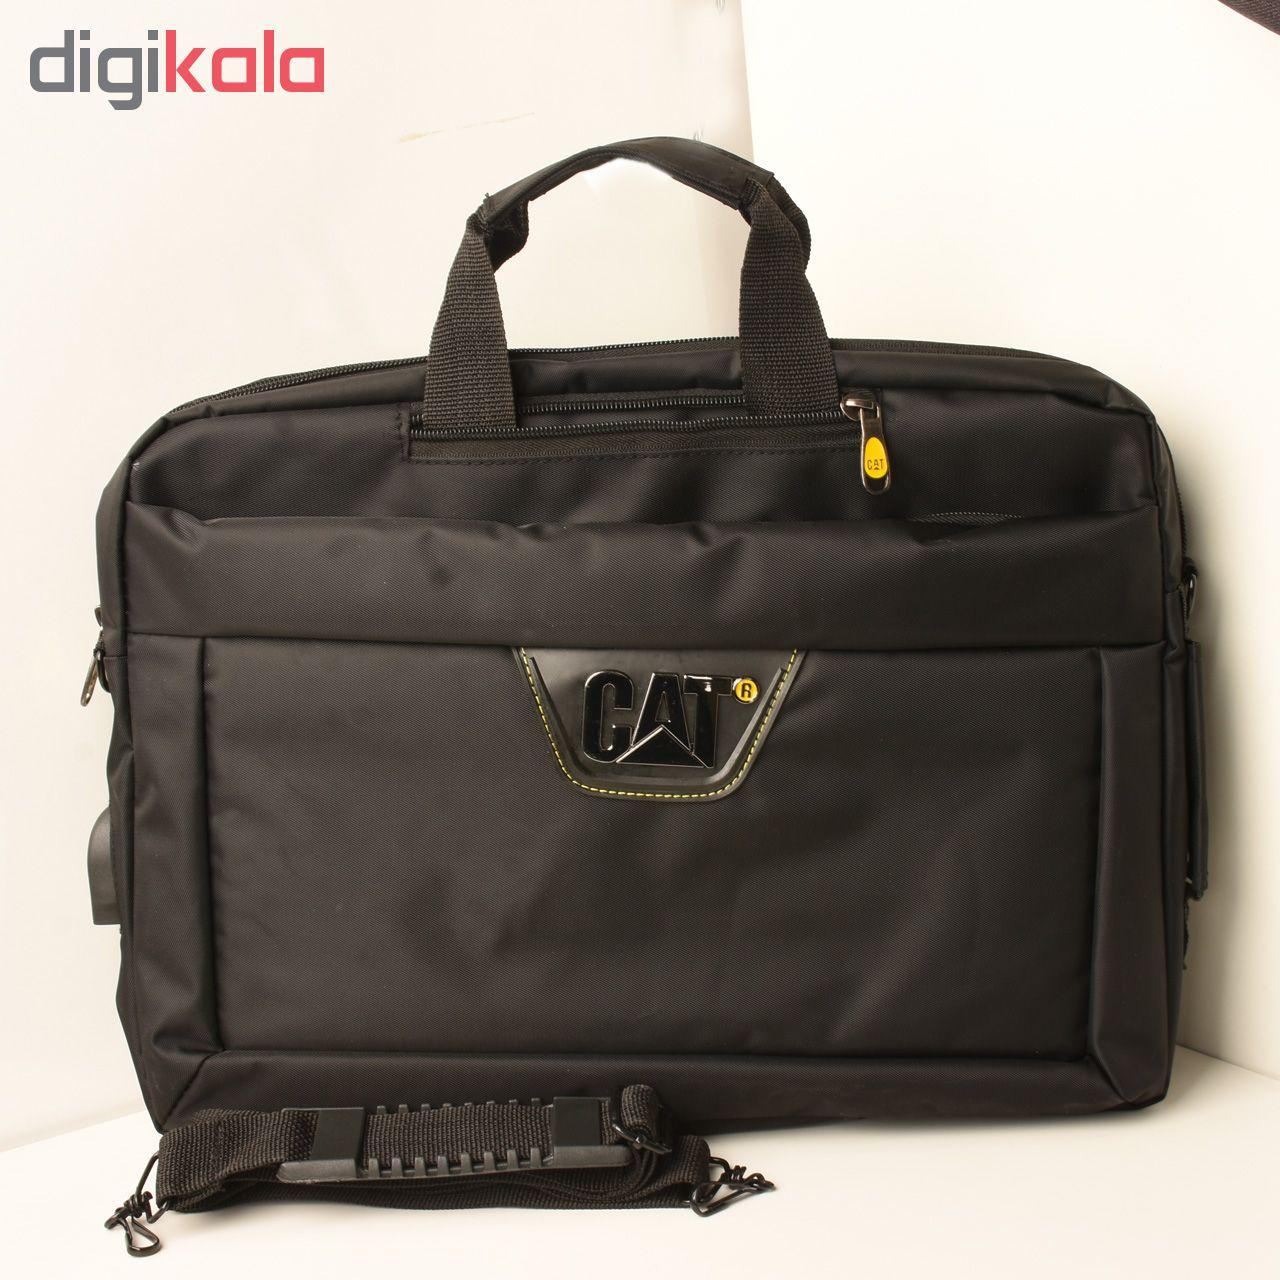 کیف لپ تاپ مدل P254 مناسب برای لپ تاپ 15 اینچی